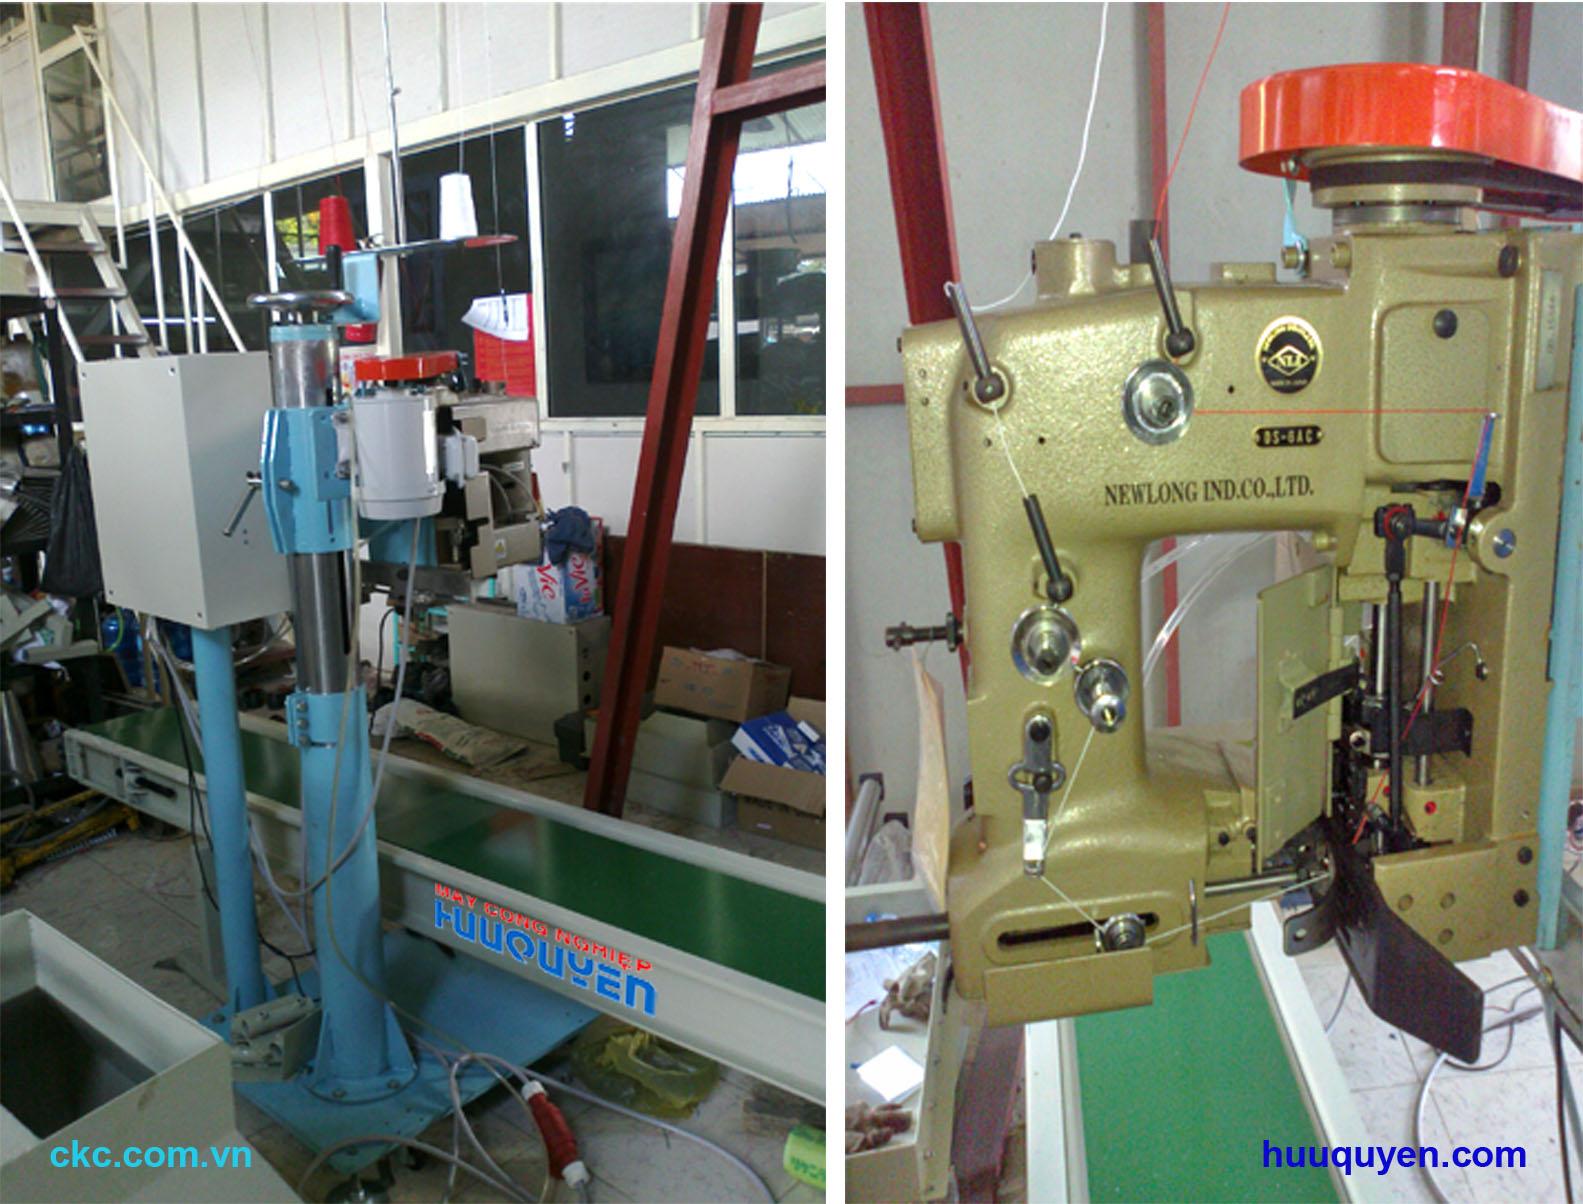 Băng tải trụ đỡ tủ điện máy khâu miệng bao công nghiệp Newlong